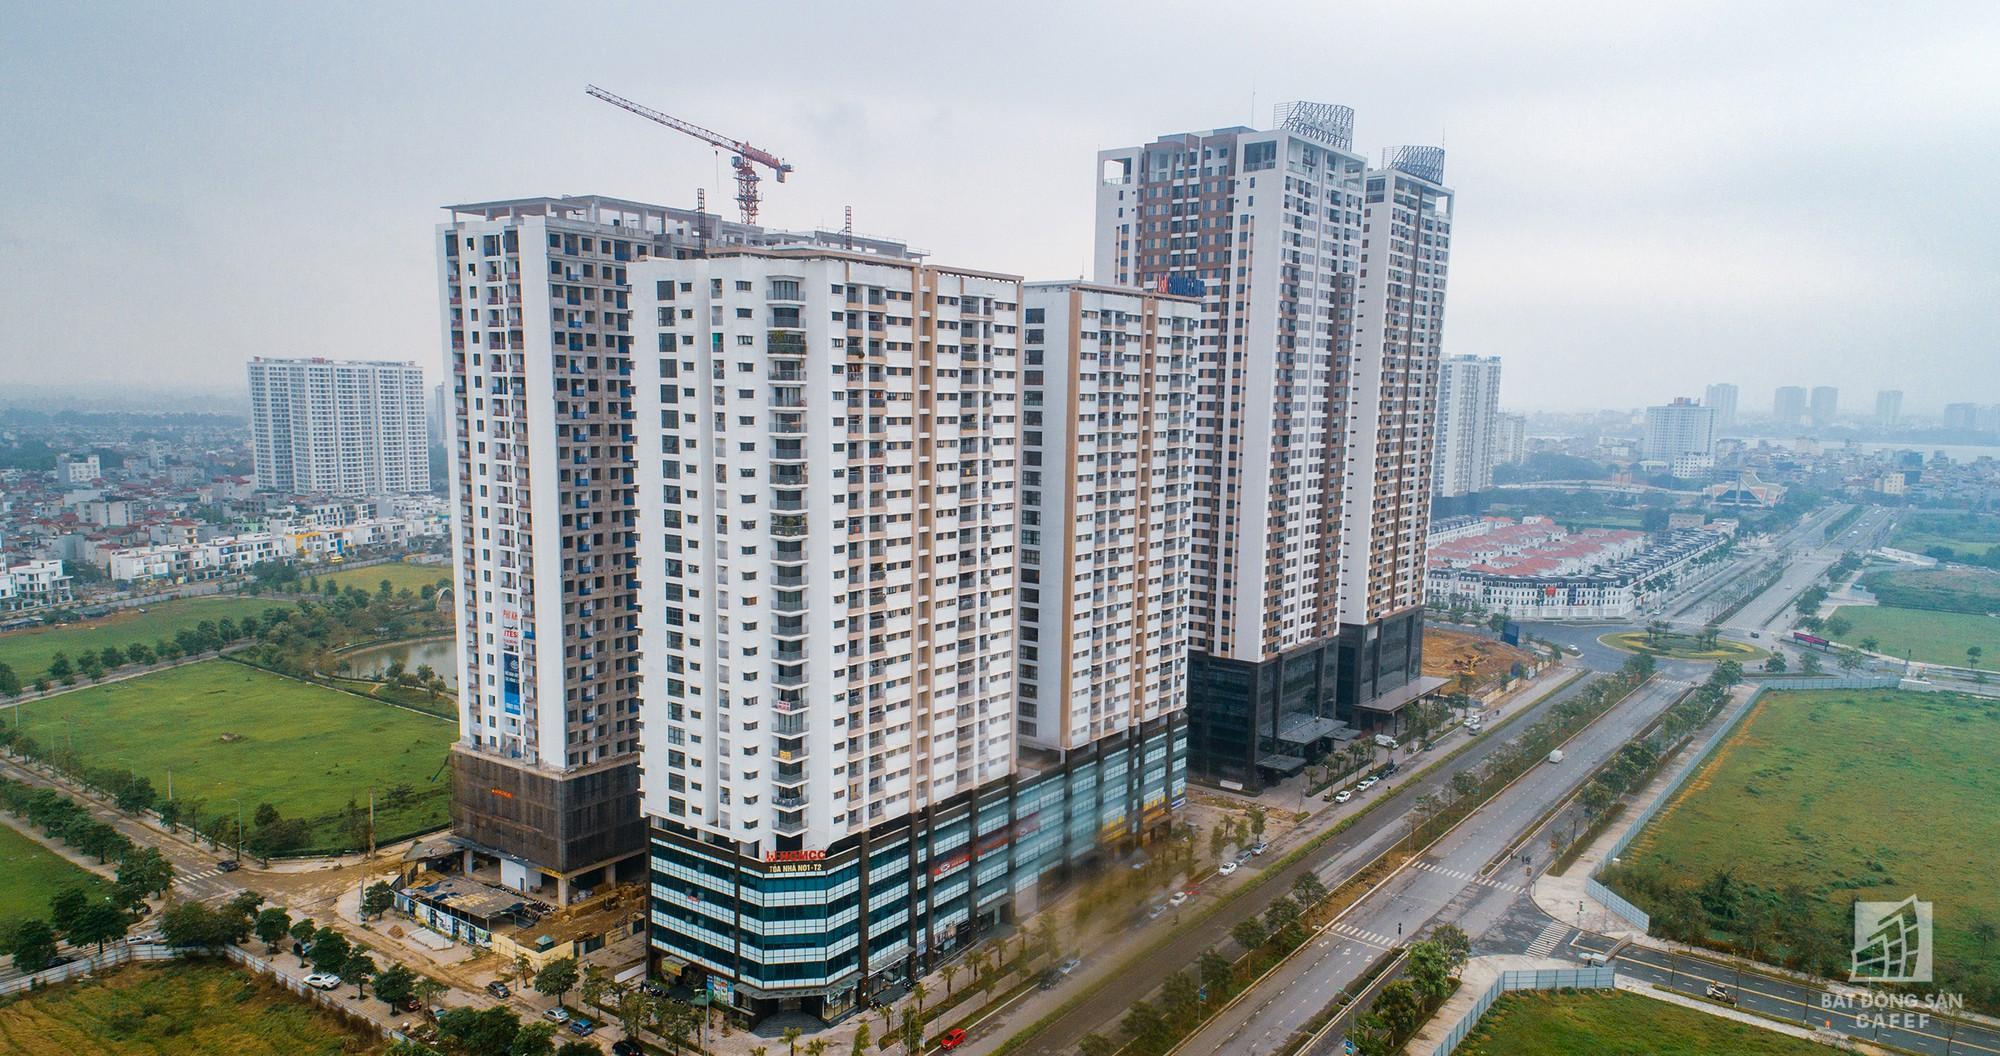 Nhìn từ trên cao, rừng chung cư cao tầng hối hả thi công, tạo nên sức nóng BĐS khu Tây Hồ Tây - Ảnh 3.